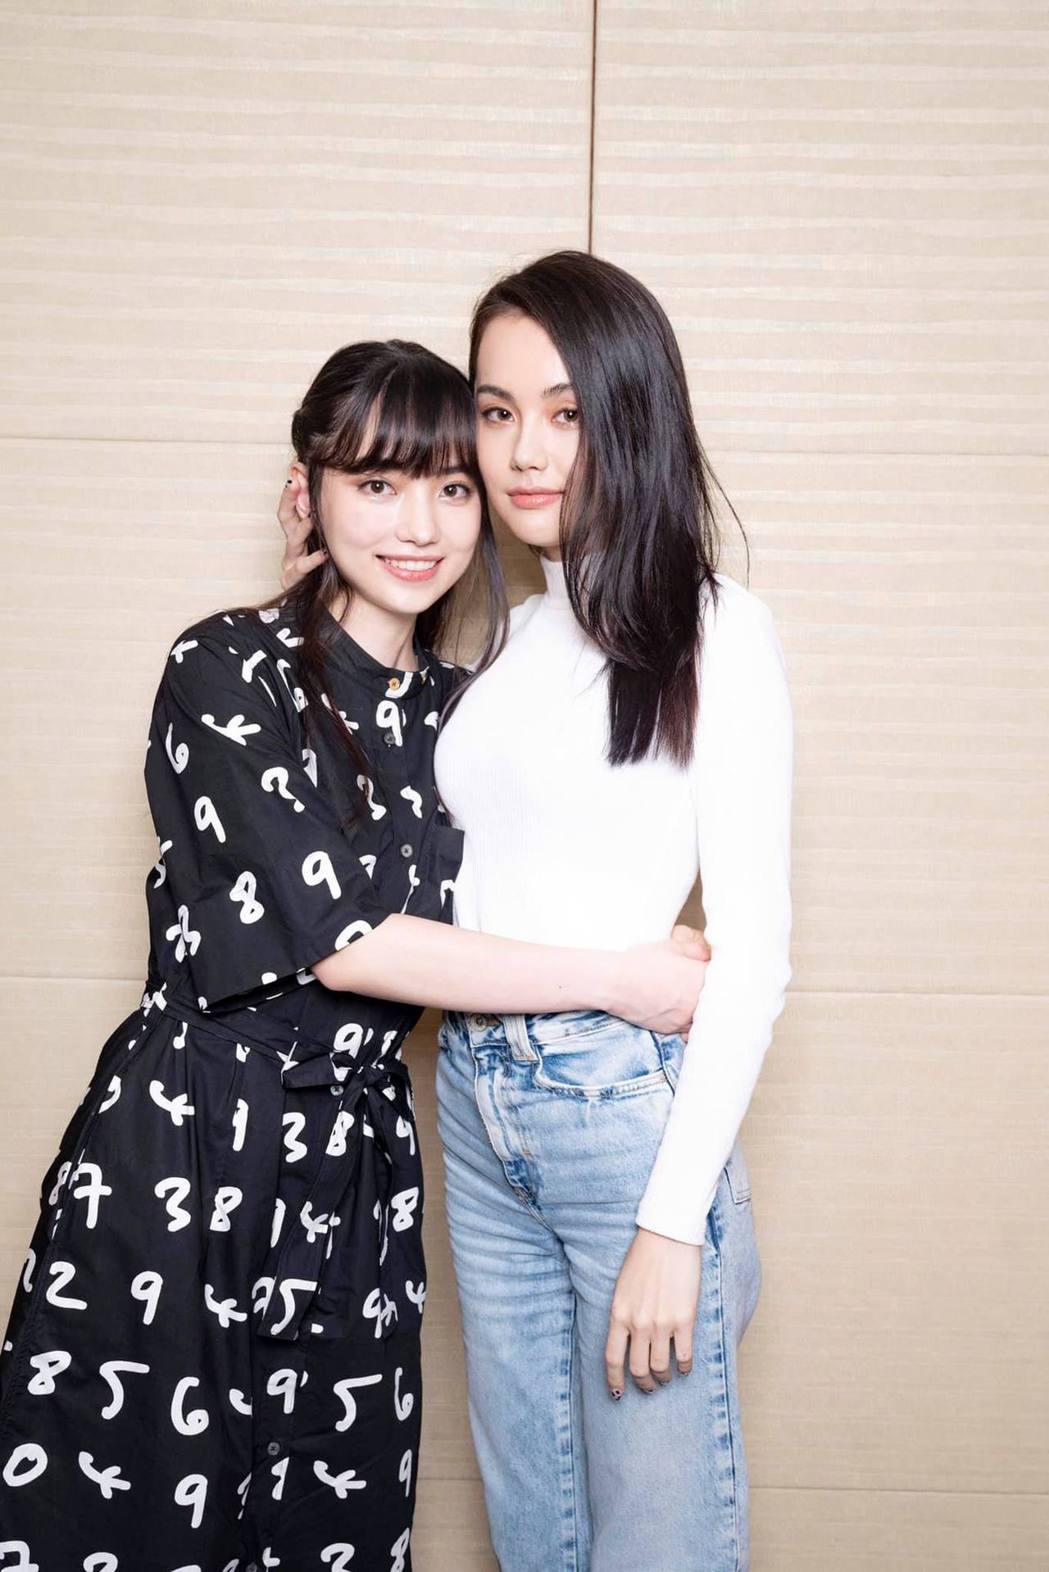 黑嘉嘉與姊姊的合照。 圖/擷自黑嘉嘉臉書